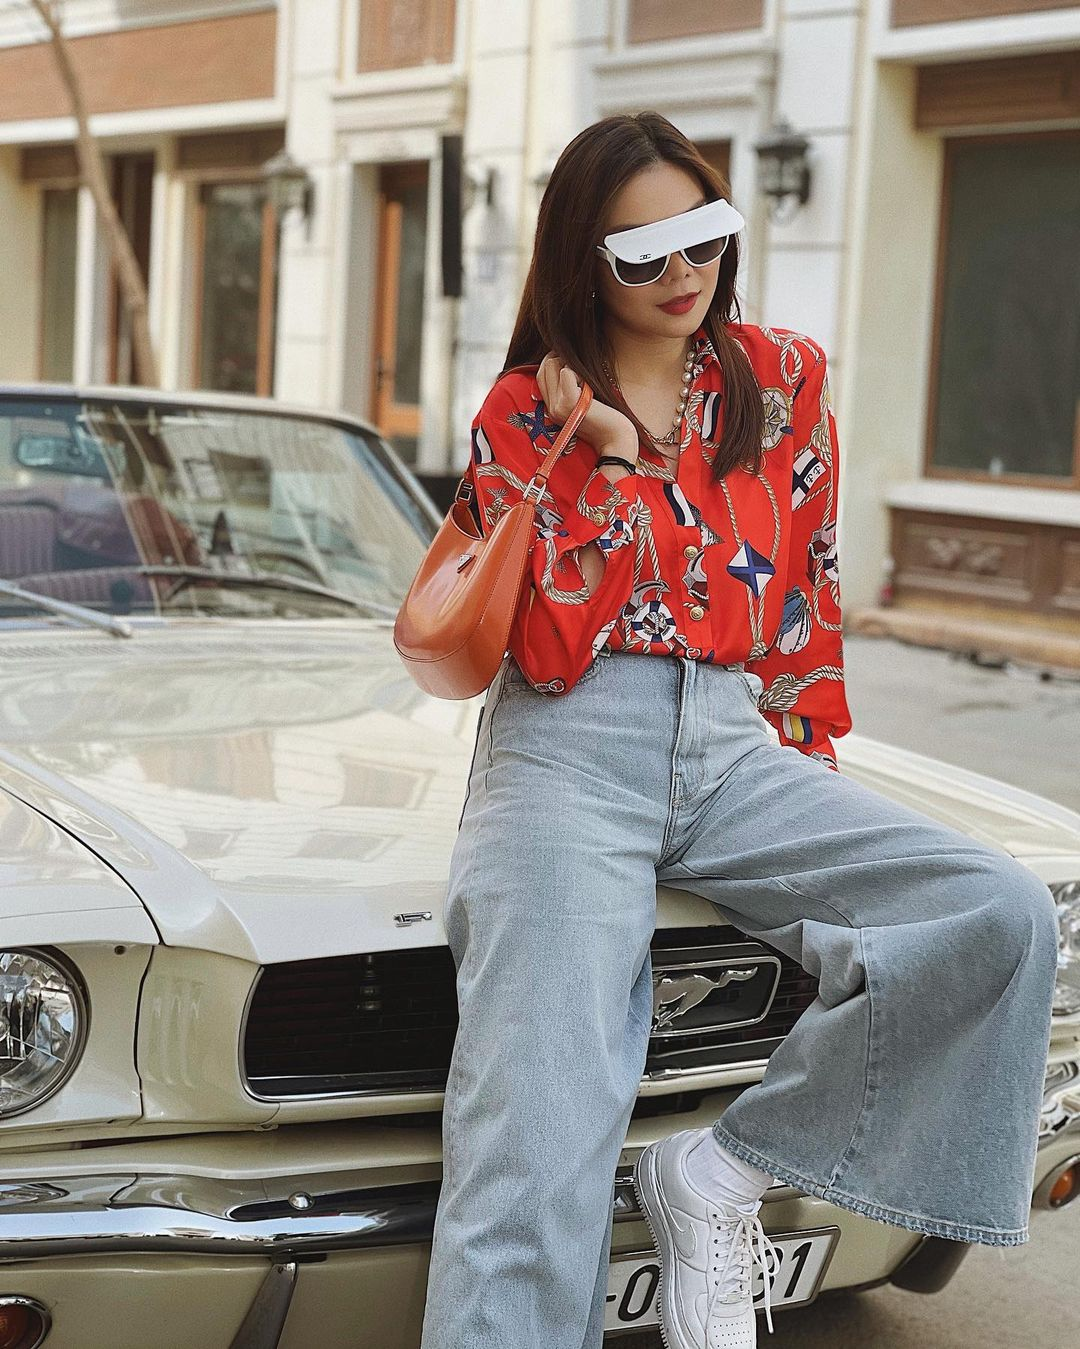 List váy áo Zara sao Việt vừa diện: Toàn món mát mẻ xinh xẻo chị em sắm đi du lịch thì hết nút - ảnh 17